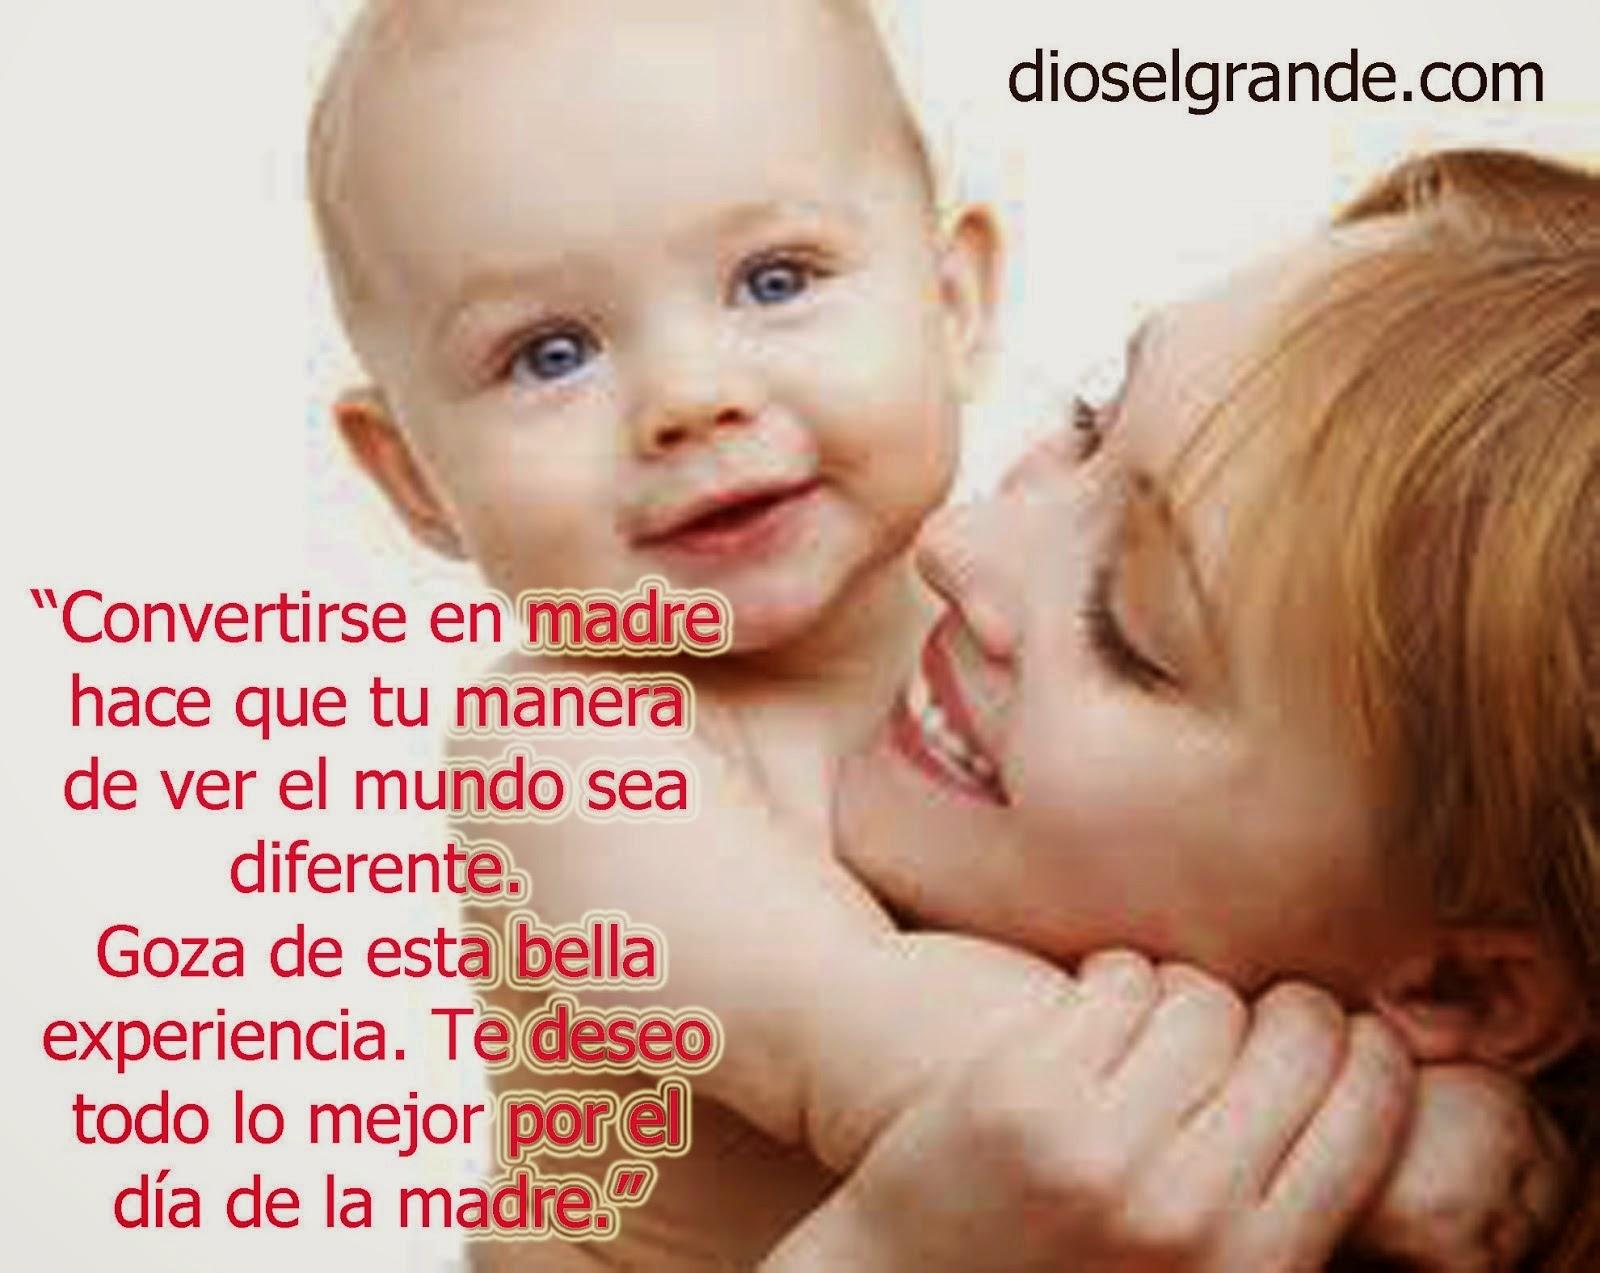 Acordate todos los días de mamá!!!!